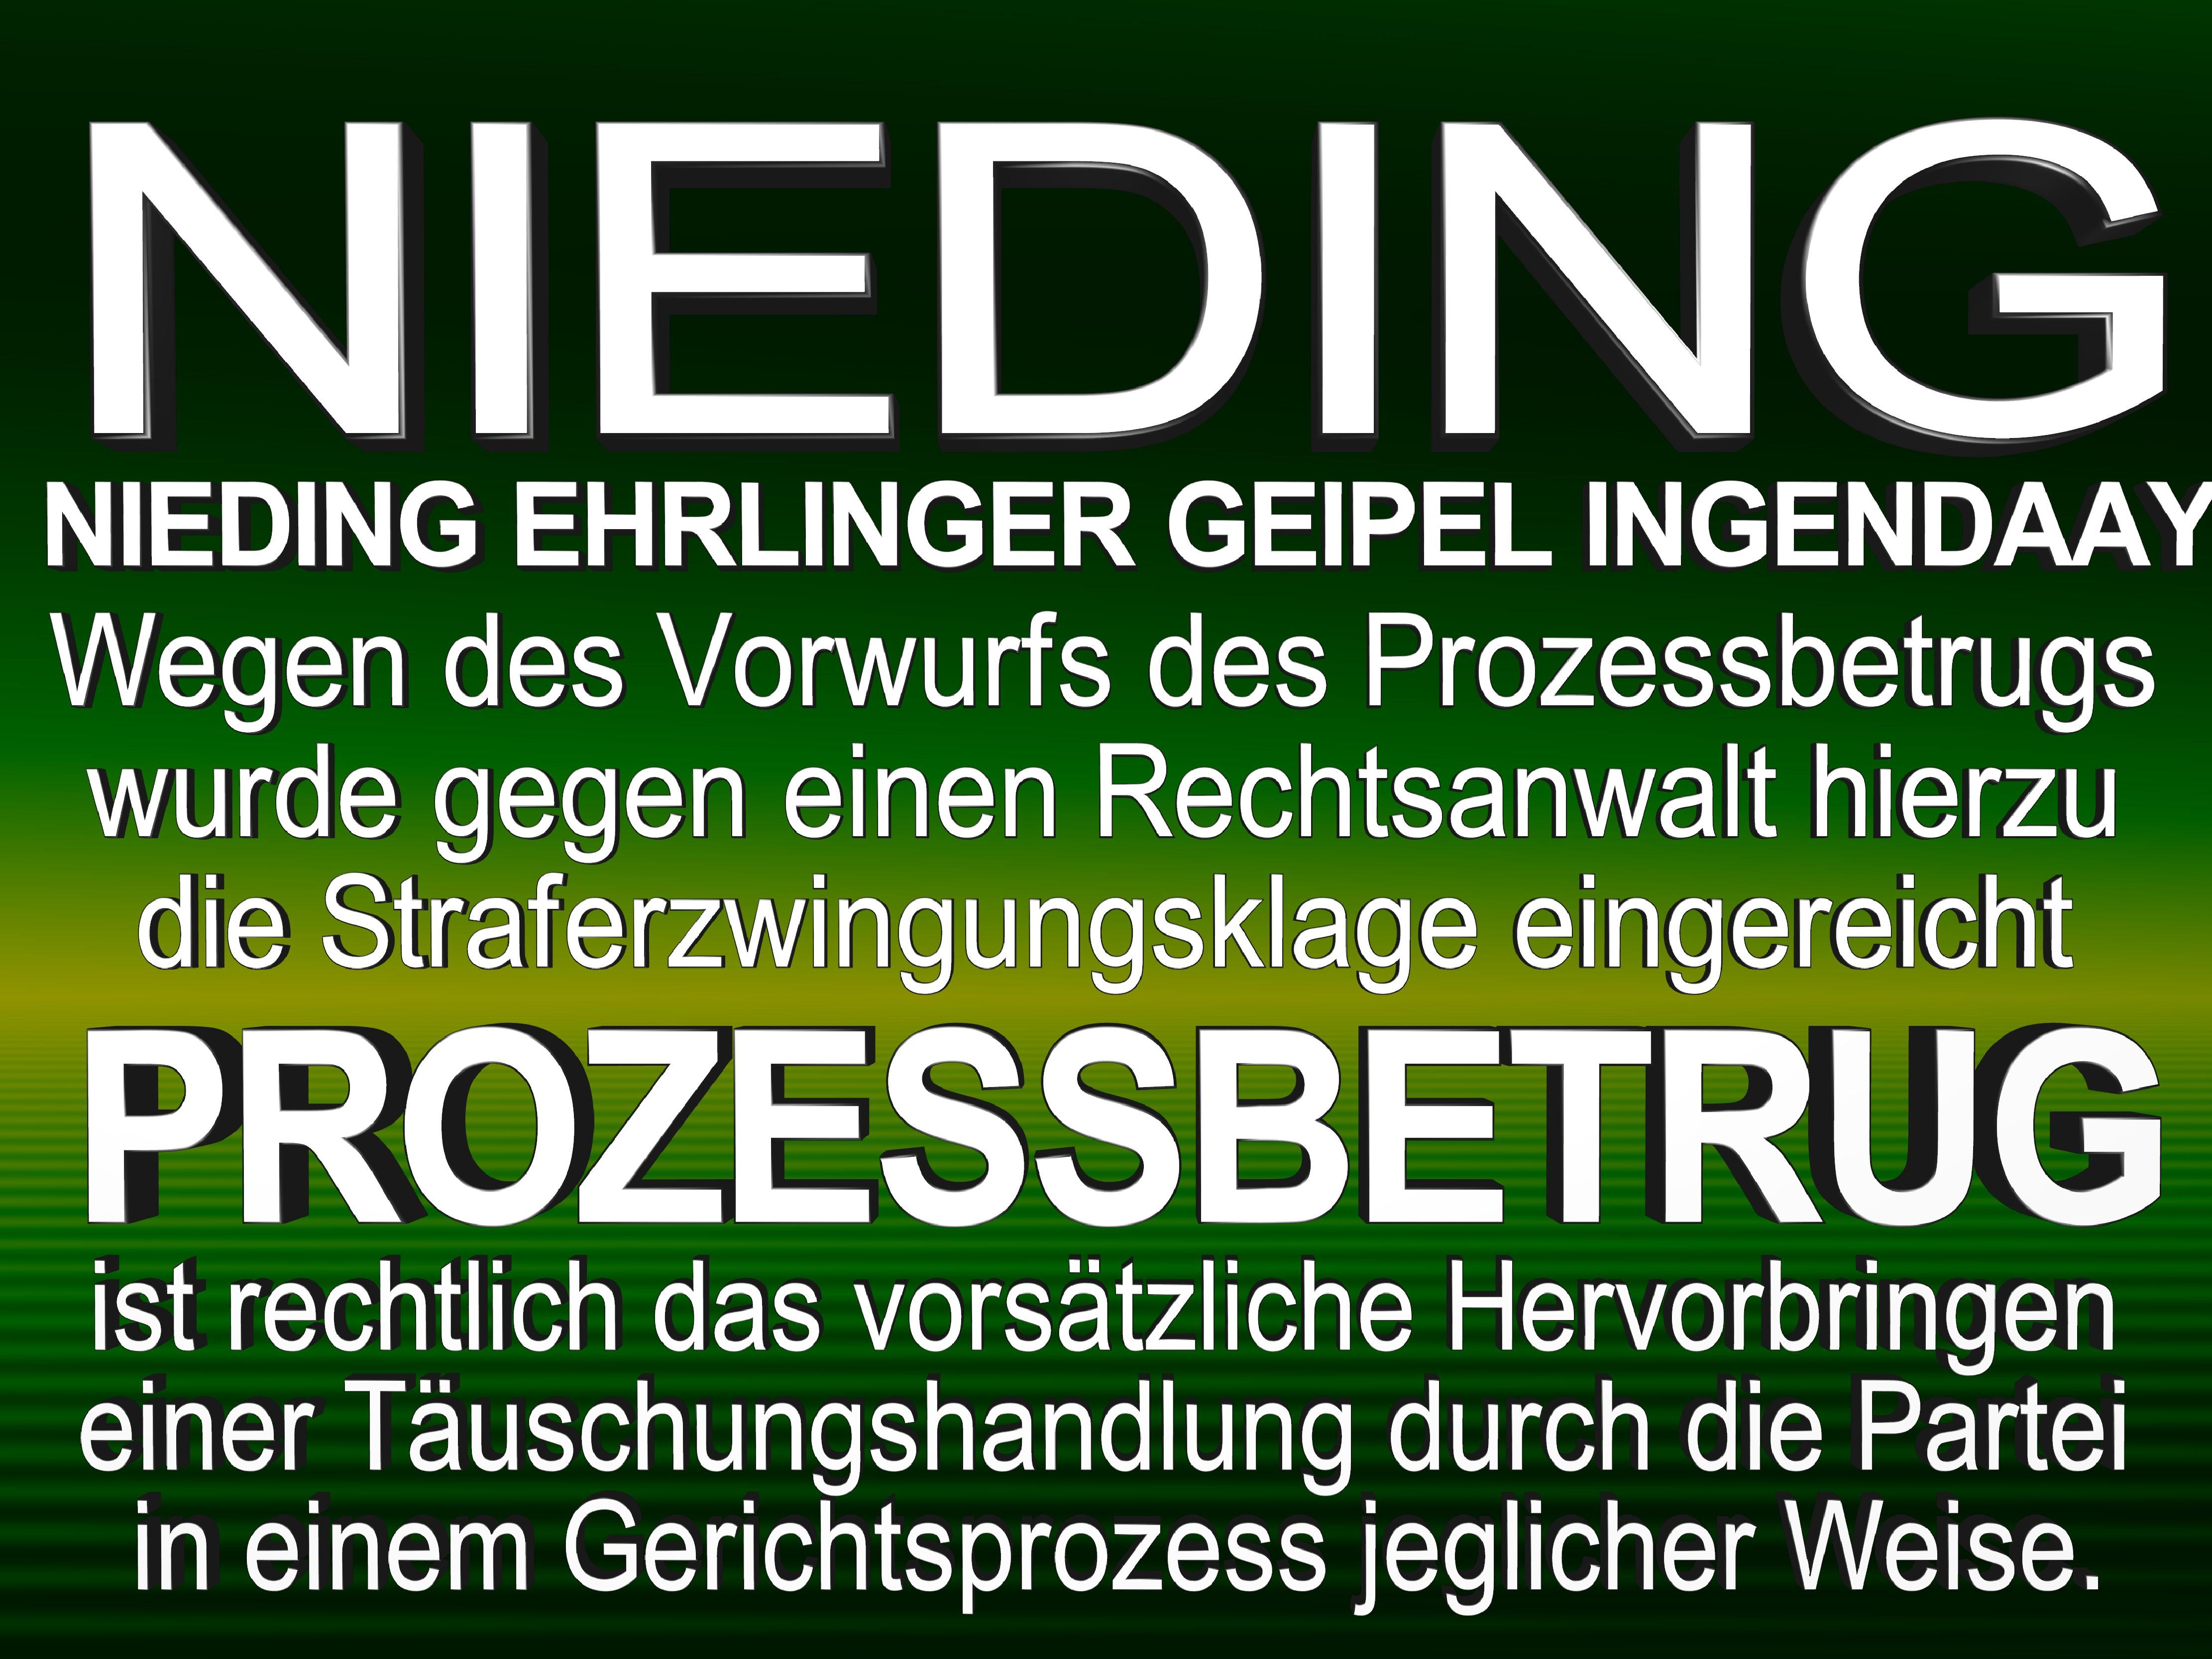 NIEDING EHRLINGER GEIPEL INGENDAAY LELKE Kurfürstendamm 66 Berlin (96)